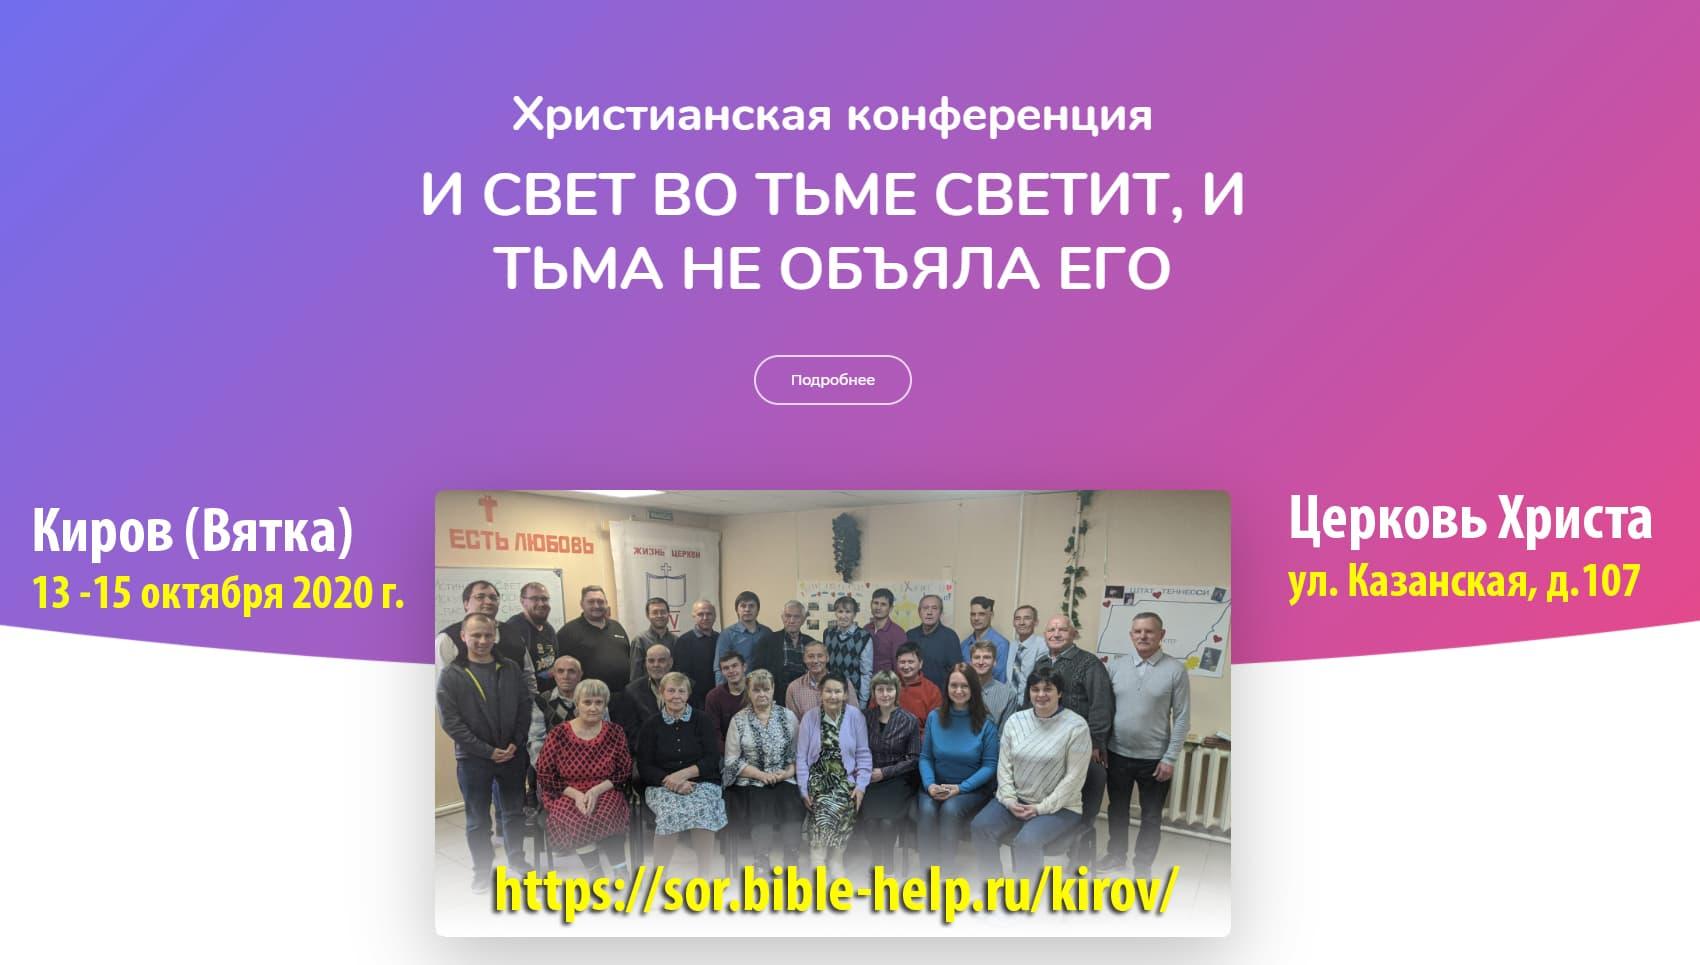 Конференция Киров 2020